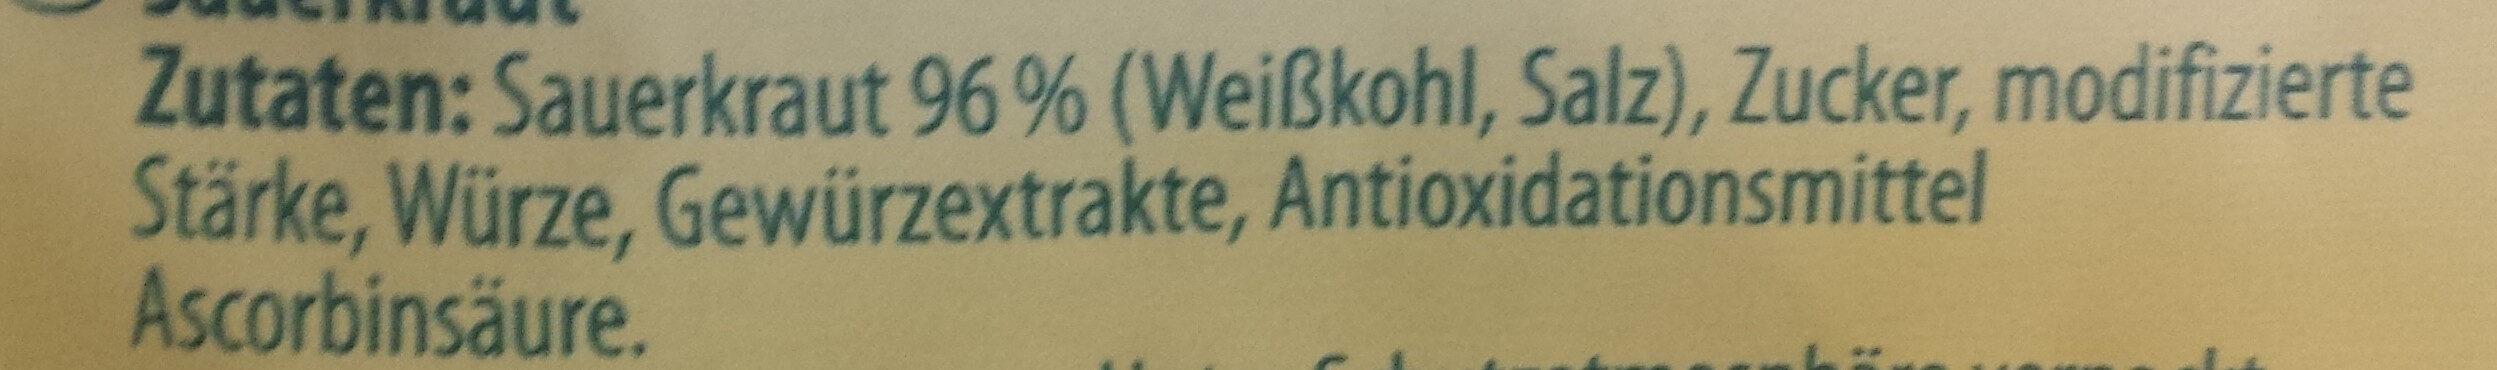 Klassisches Sauerkraut - Ingrédients